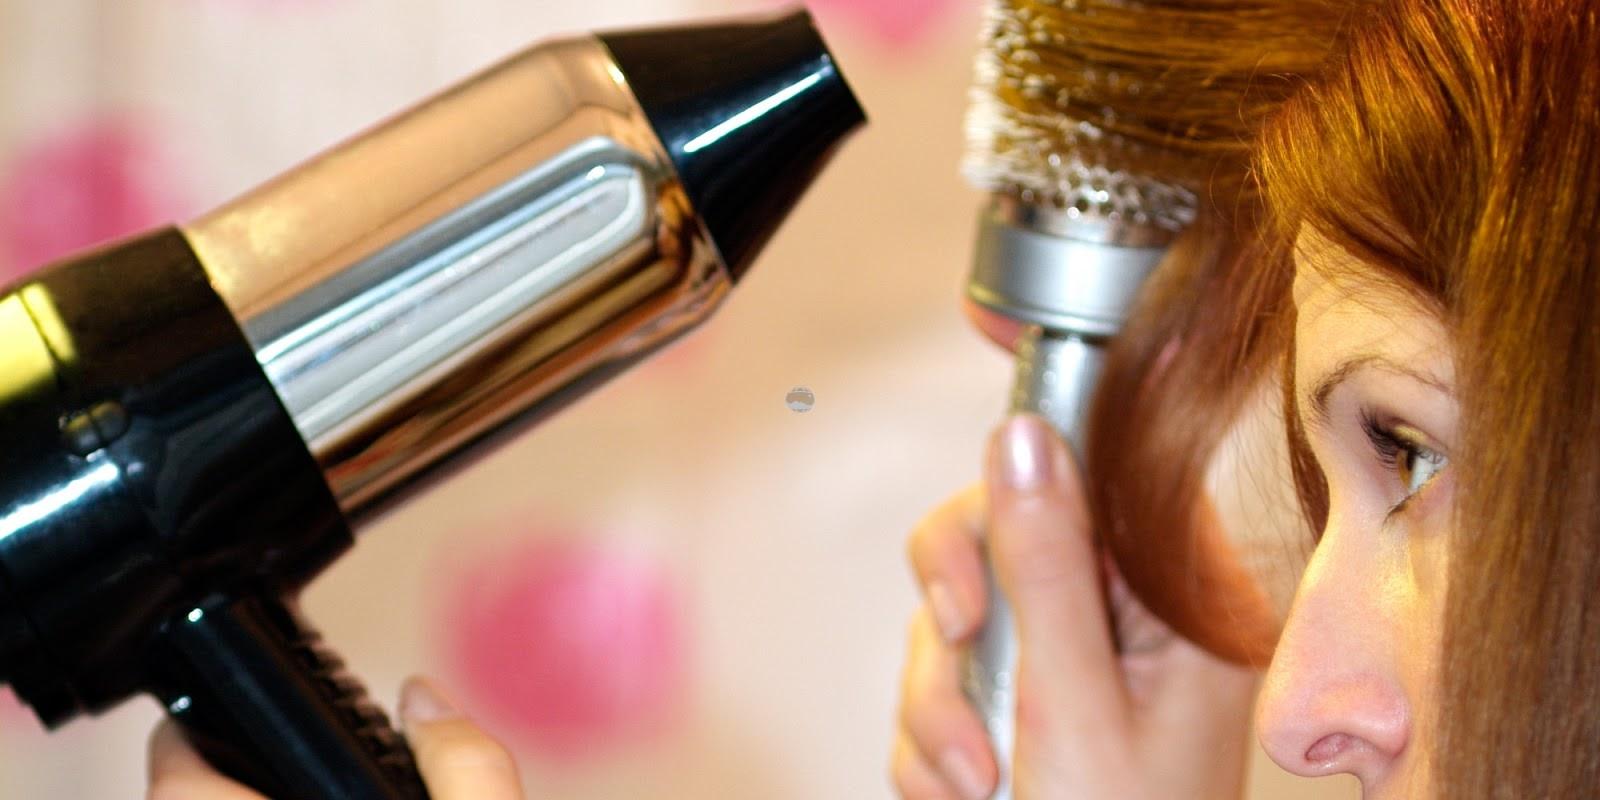 Secar o cabelo muito próximo dos fios